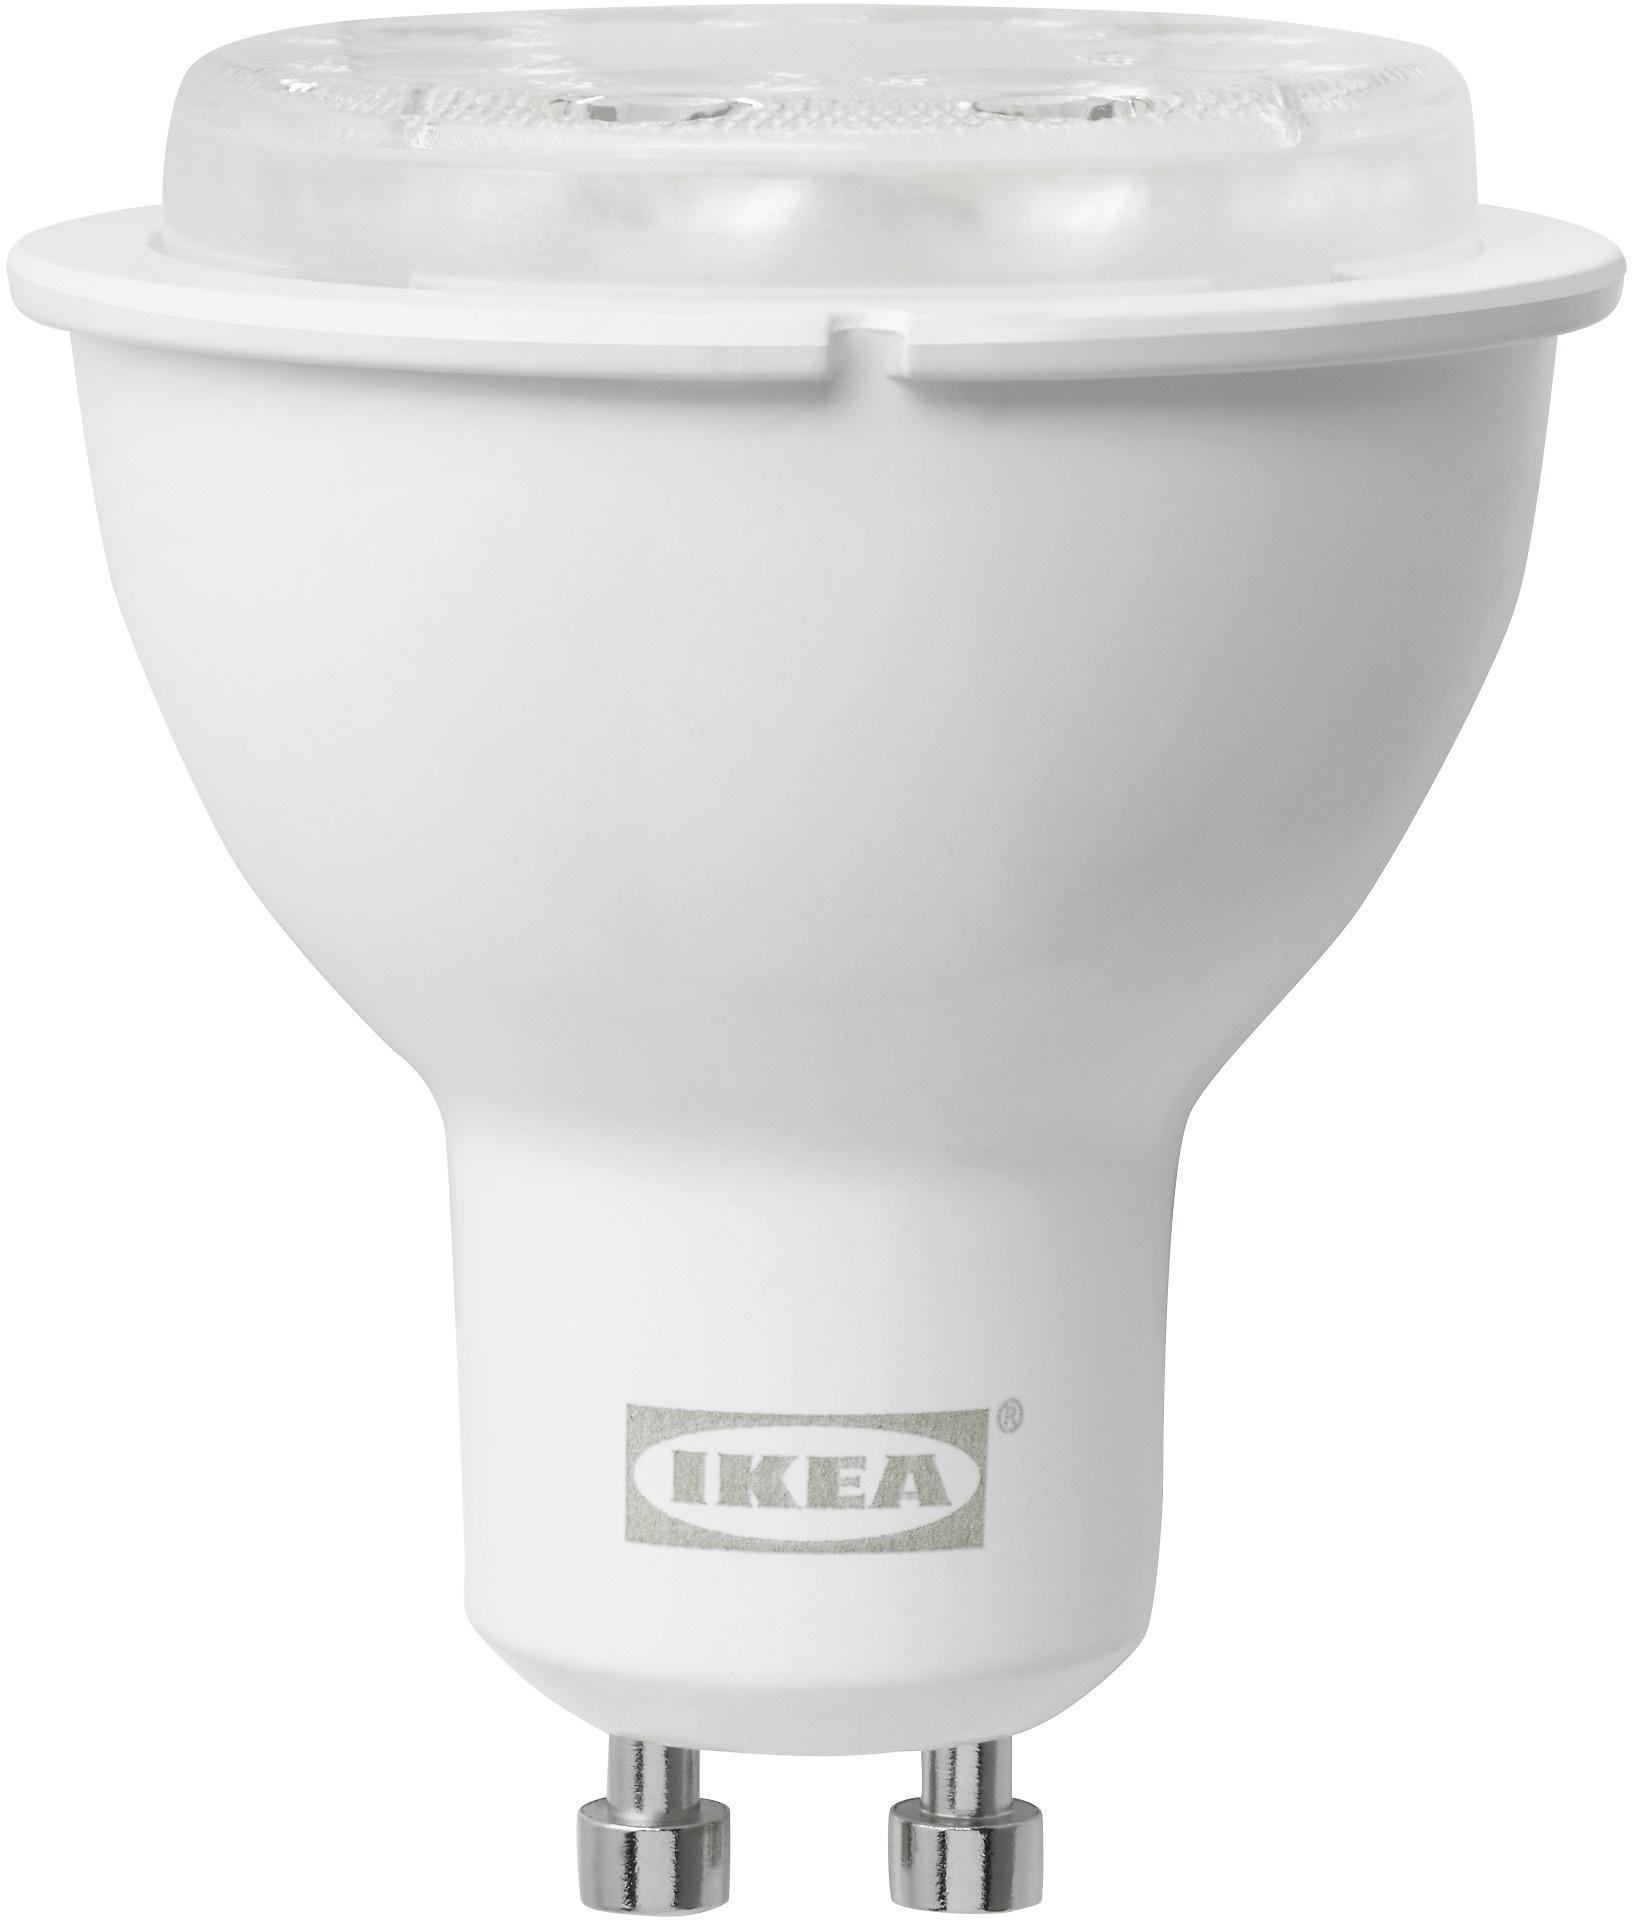 ikea tr dfri led lamp gu10 400 lumen draadloos dimbaar wit spectrum prijzen tweakers. Black Bedroom Furniture Sets. Home Design Ideas